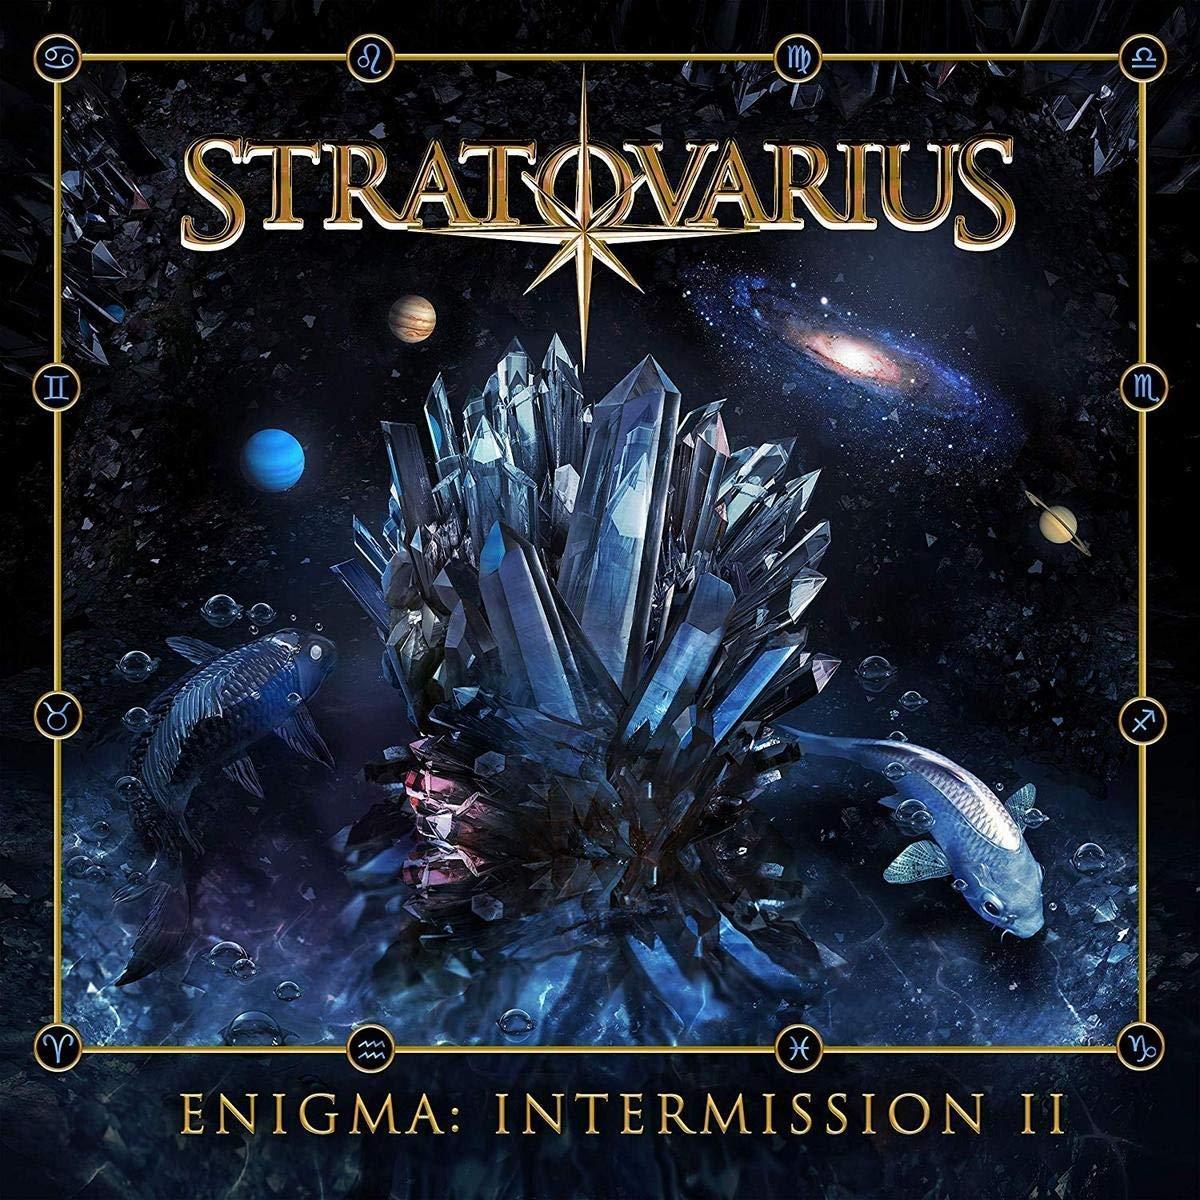 STRATOVARIUS - ENIGMA-INTERMISSION 2 (CD)